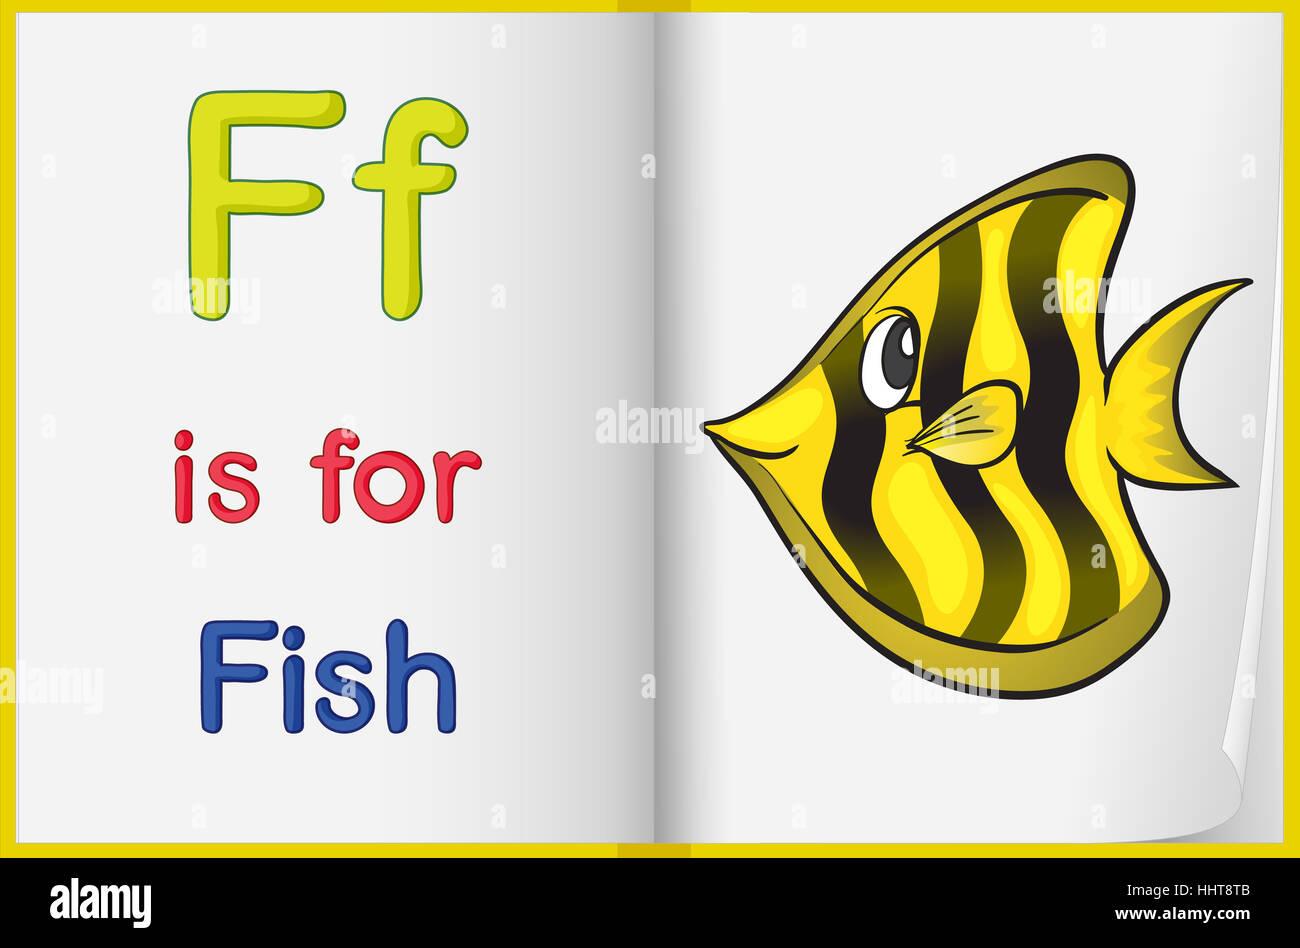 Alphabet Worksheet Letter Stockfotos & Alphabet Worksheet Letter ...